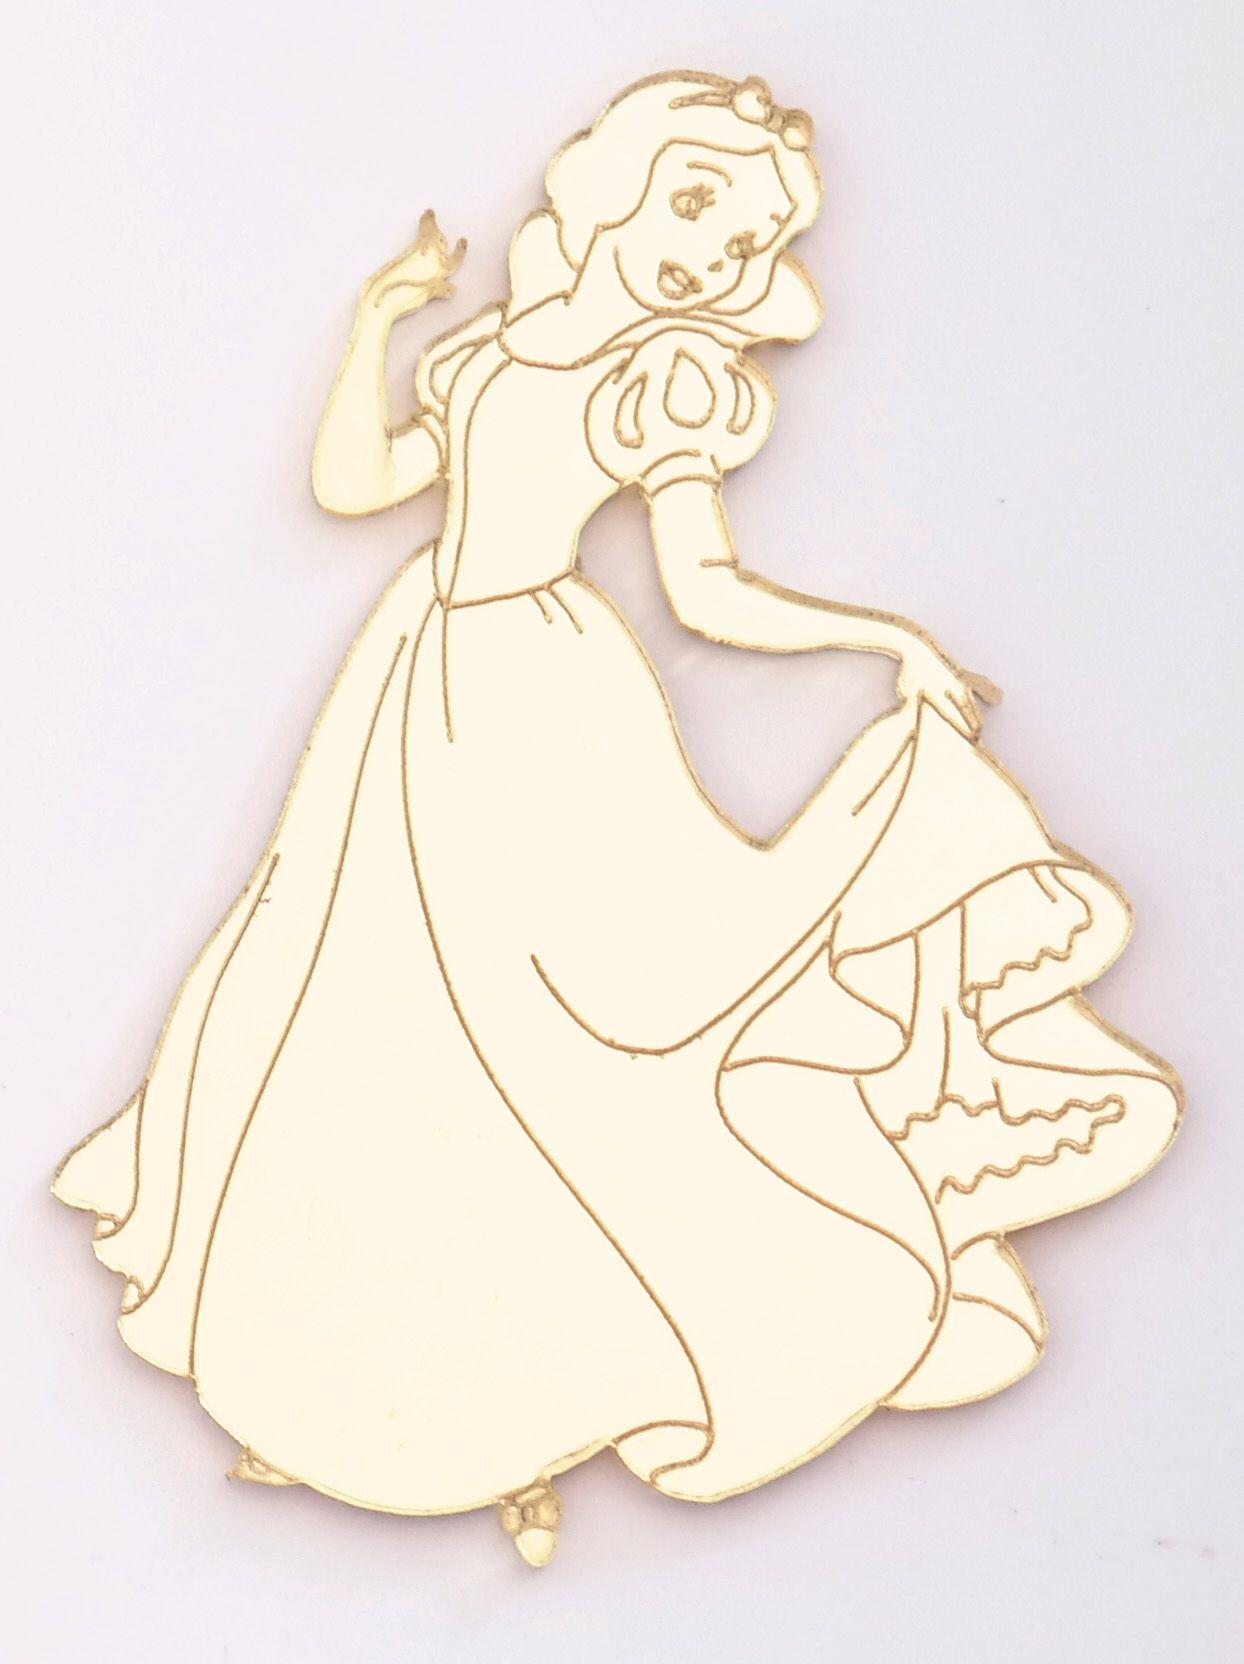 Aplique em acrílico espelhado - Princesa Branca de Neve - 5cm - 10 peças